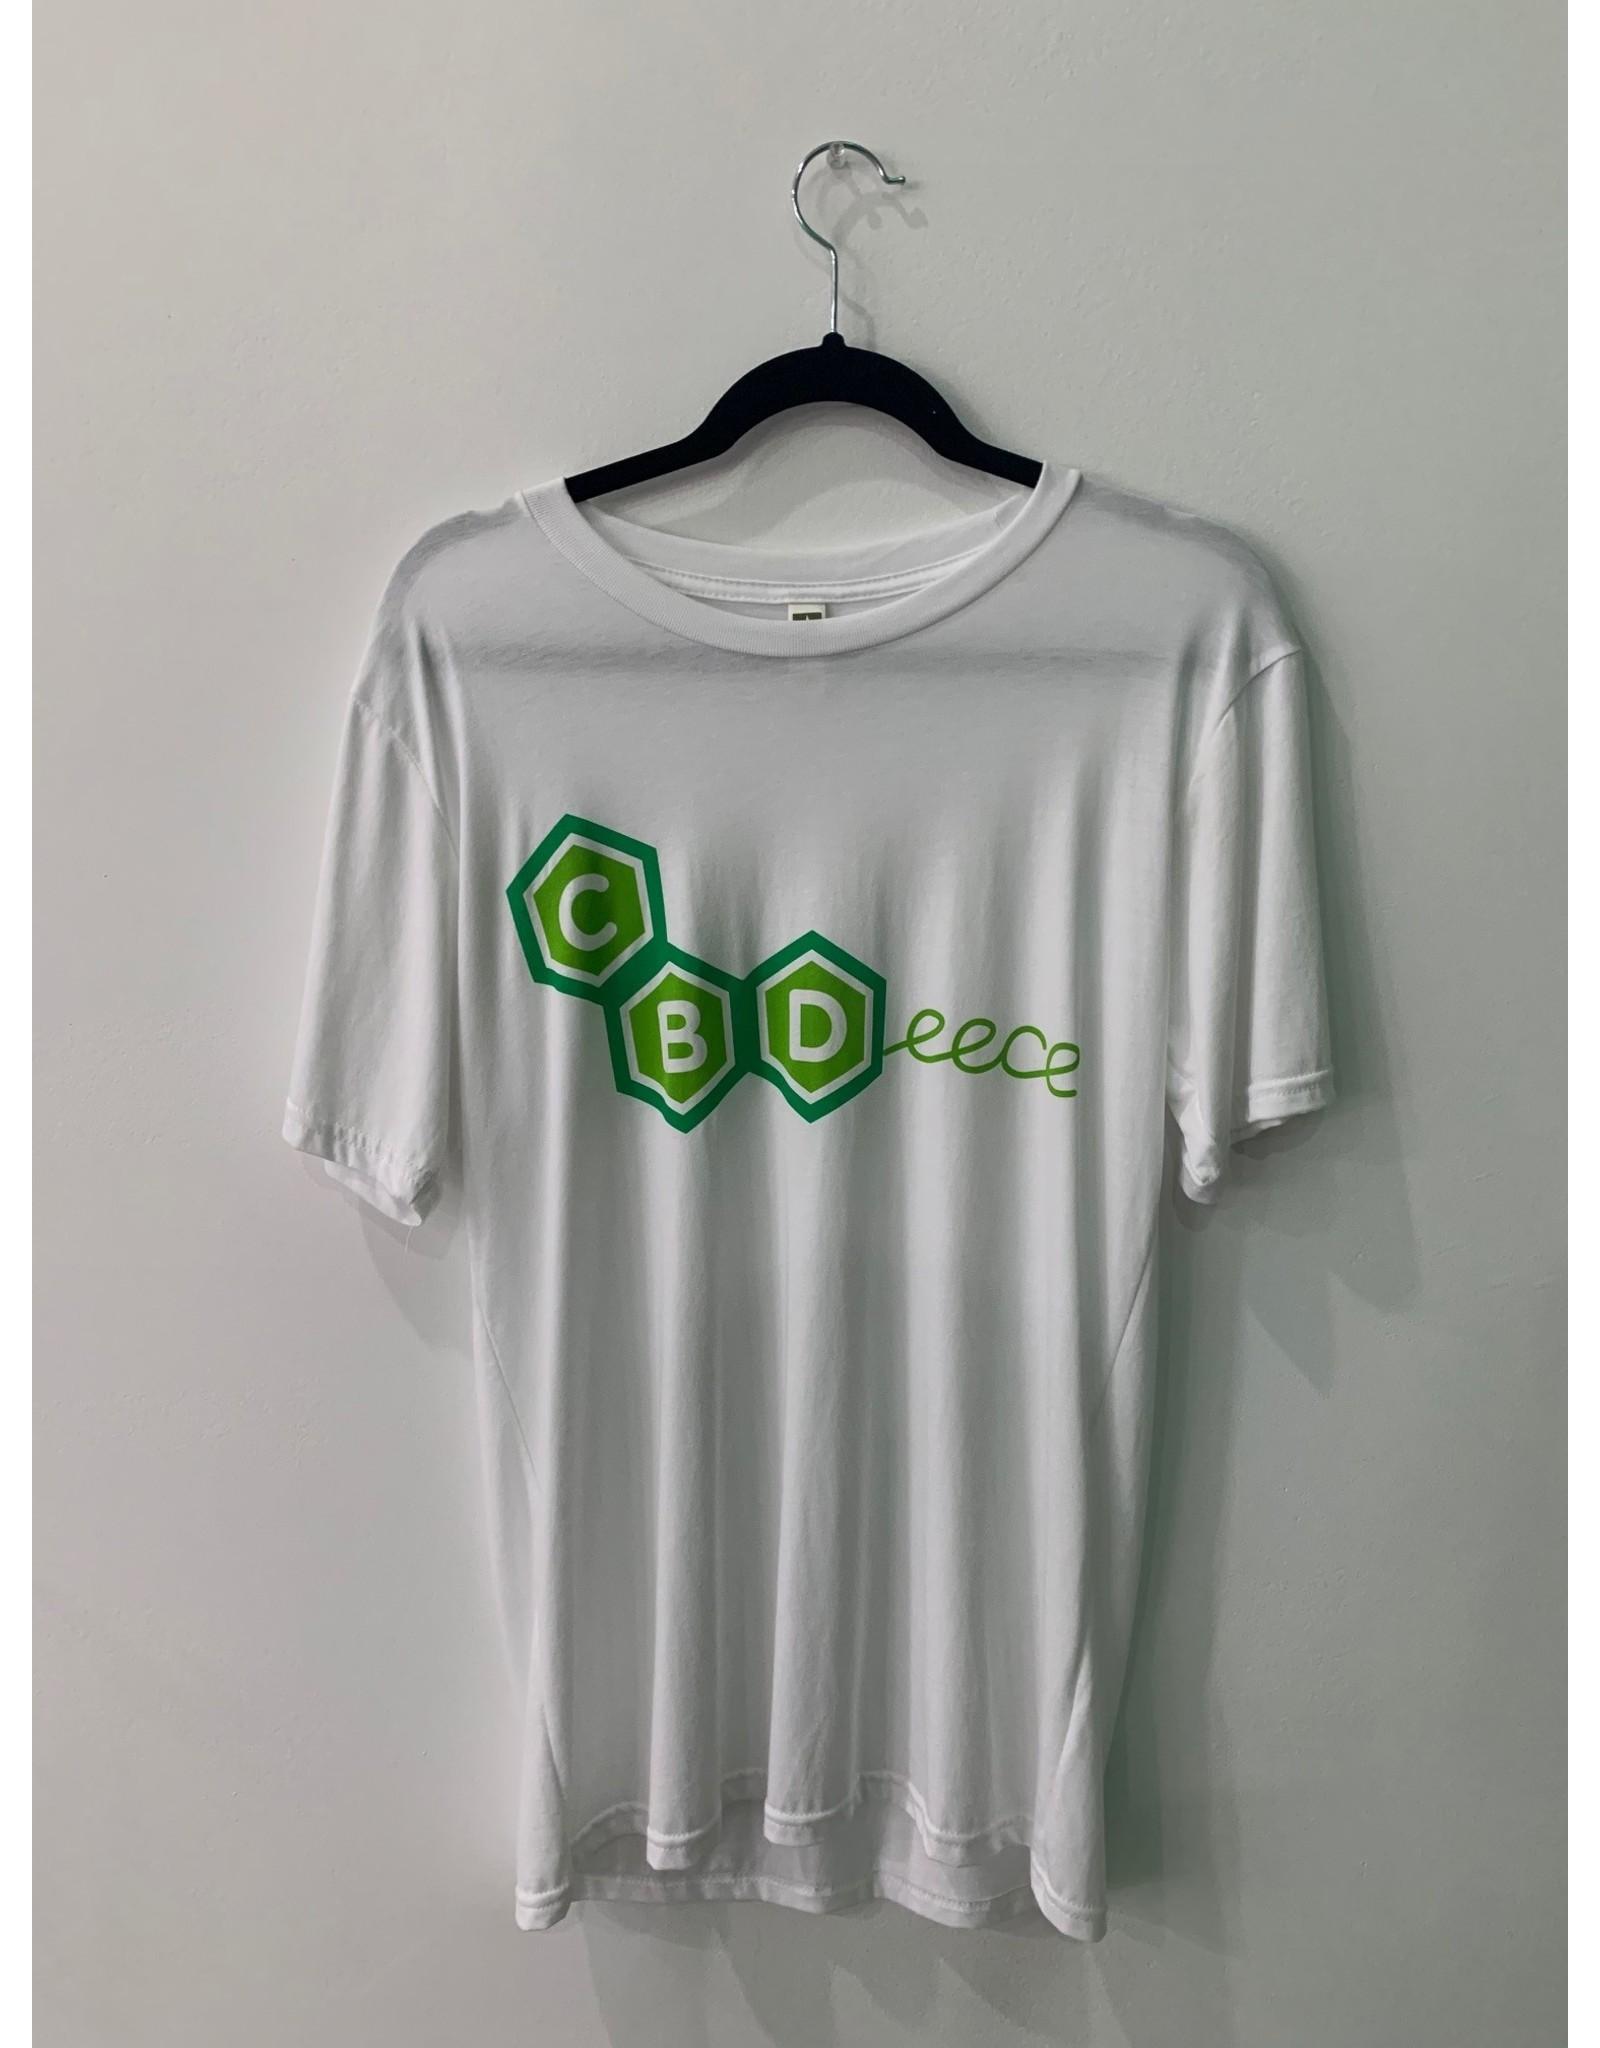 CannaBiz Depot CBDeece Men's T-Shirt